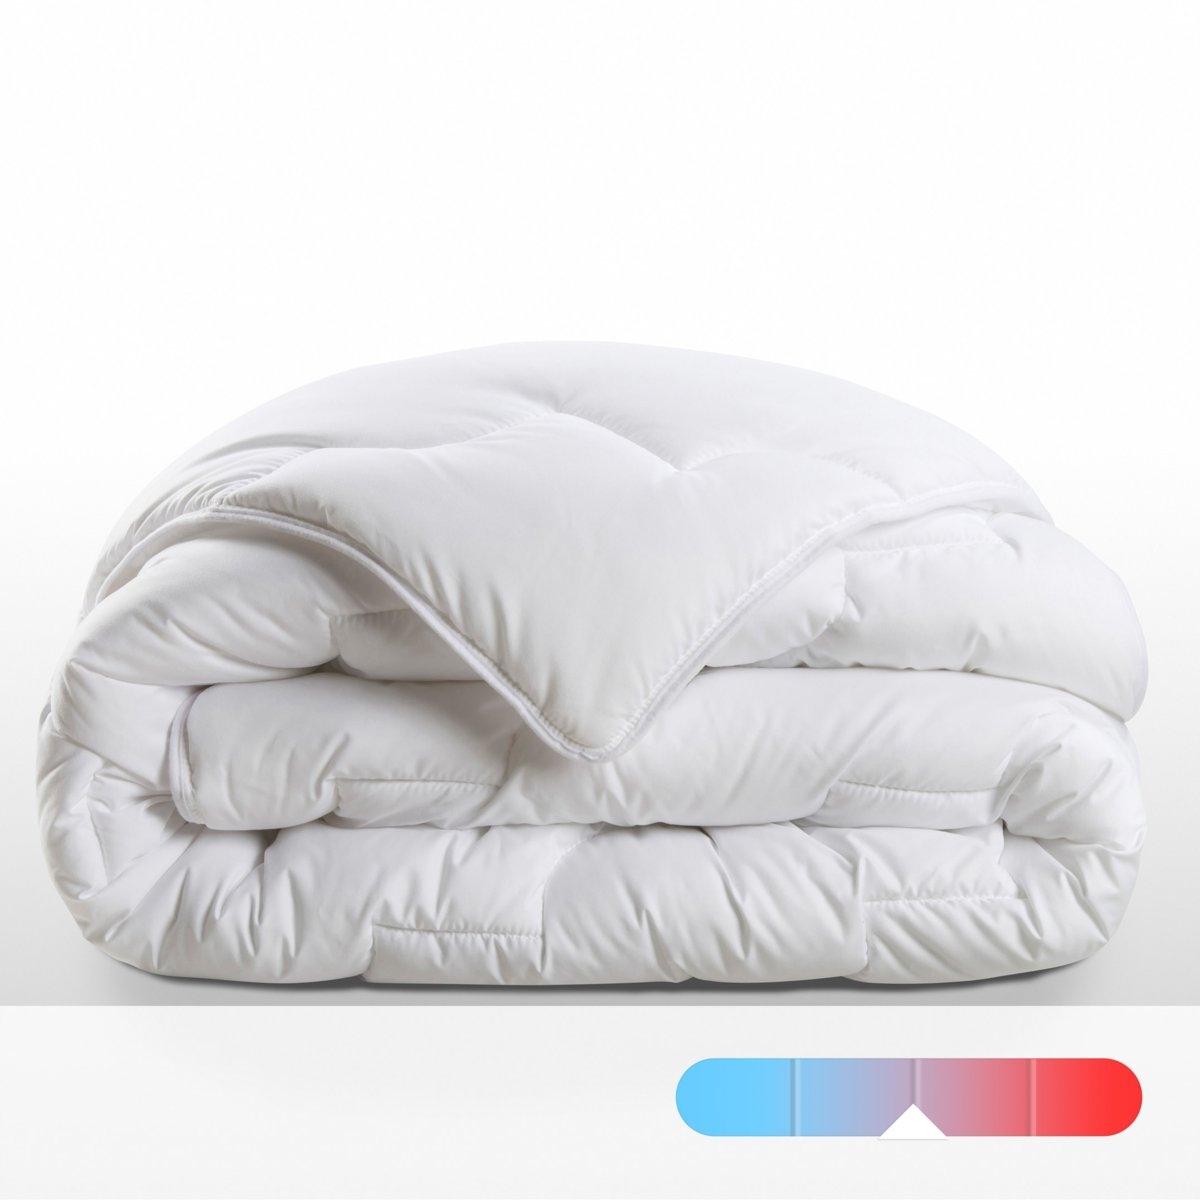 Одеяло синтетическое ультралегкоеОписание:Вам понравится это ультралегкое синтетическое одеяло плотностью 300 г/м? с наполнителем из волокон Тинсулейт™ для идеальной термоизоляции при минимальном весе.Ультралегкий синтетический наполнитель, 300 г/м? :  микрофибра 100% полиэстер Тинсулейт™, la fibre high tech ?prouv?e pour les v?tements de ski et dexp?ditions en conditions extr?mes :  ультралегкие микроволокна этого материала удерживают больше воздуха в меньшем объеме. К тому же, небольшой объем даже самого большого одеяла позволяет стирать его в машинке в домашних условиях.Ультралегкое синтетическое полотно 300 г/м? :однотонный батист из микрофибры, 100% полиэстер. Отделка тонкой скрученной тканью. : Идеально при температуре воздуха в комнате от 12 до 15°.Стирать при температуре 60°, машинная сушка.Идеально подходит для прохладной комнаты (12 - 15 °)Плюсы изделия.    Сертификат OEKO-TEX.<br><br>Цвет: белый